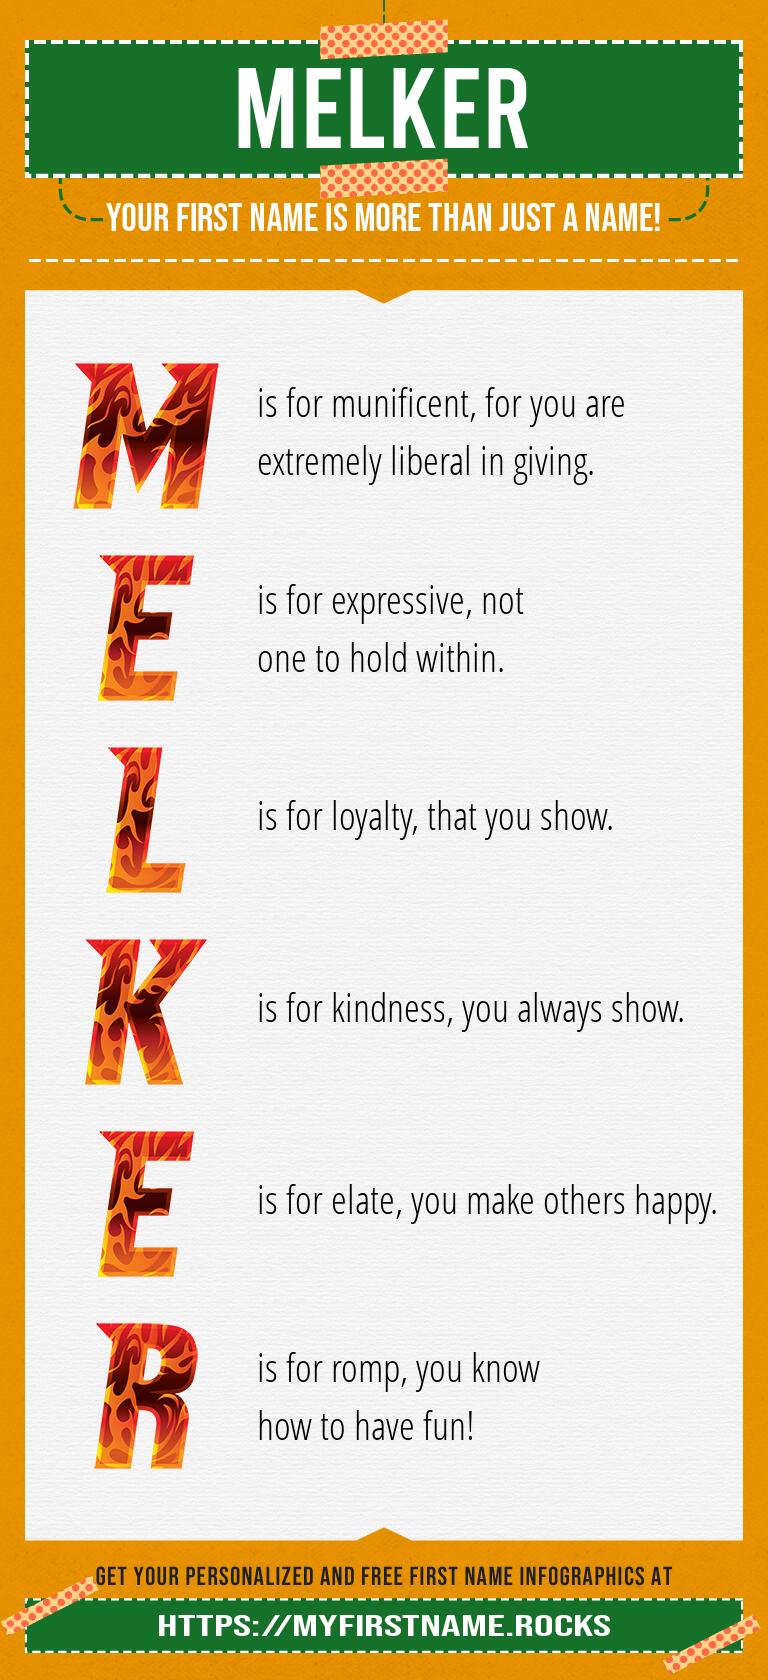 Melker Infographics